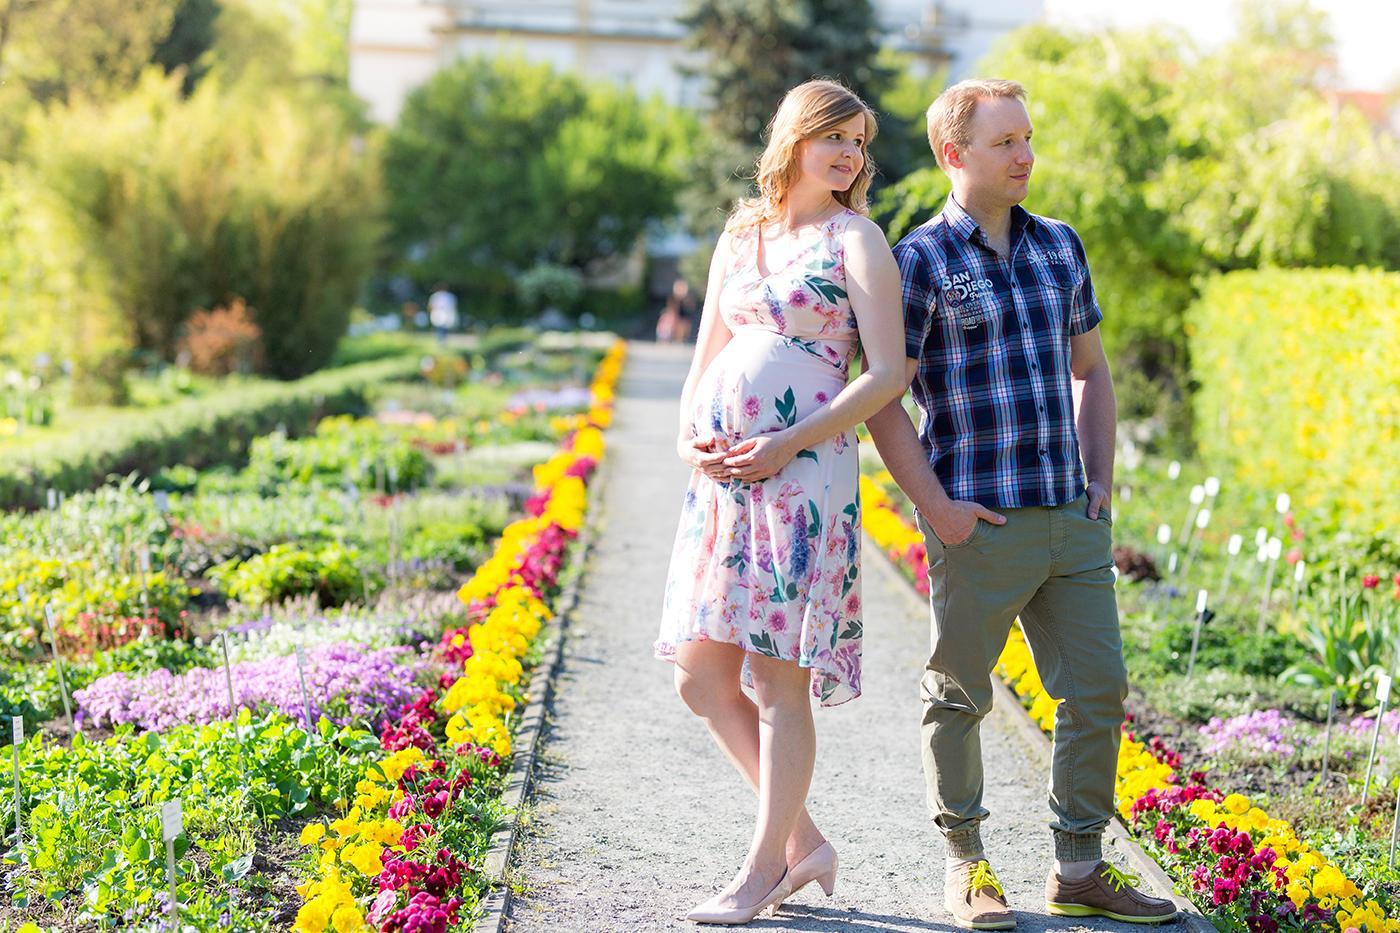 W jeden z bardzo upalnych dni tej wiosny, miałam przyjemność kolejny raz udać się do ogrodu botanicznego. Tym razem wykonywałam tam sesje ciążową